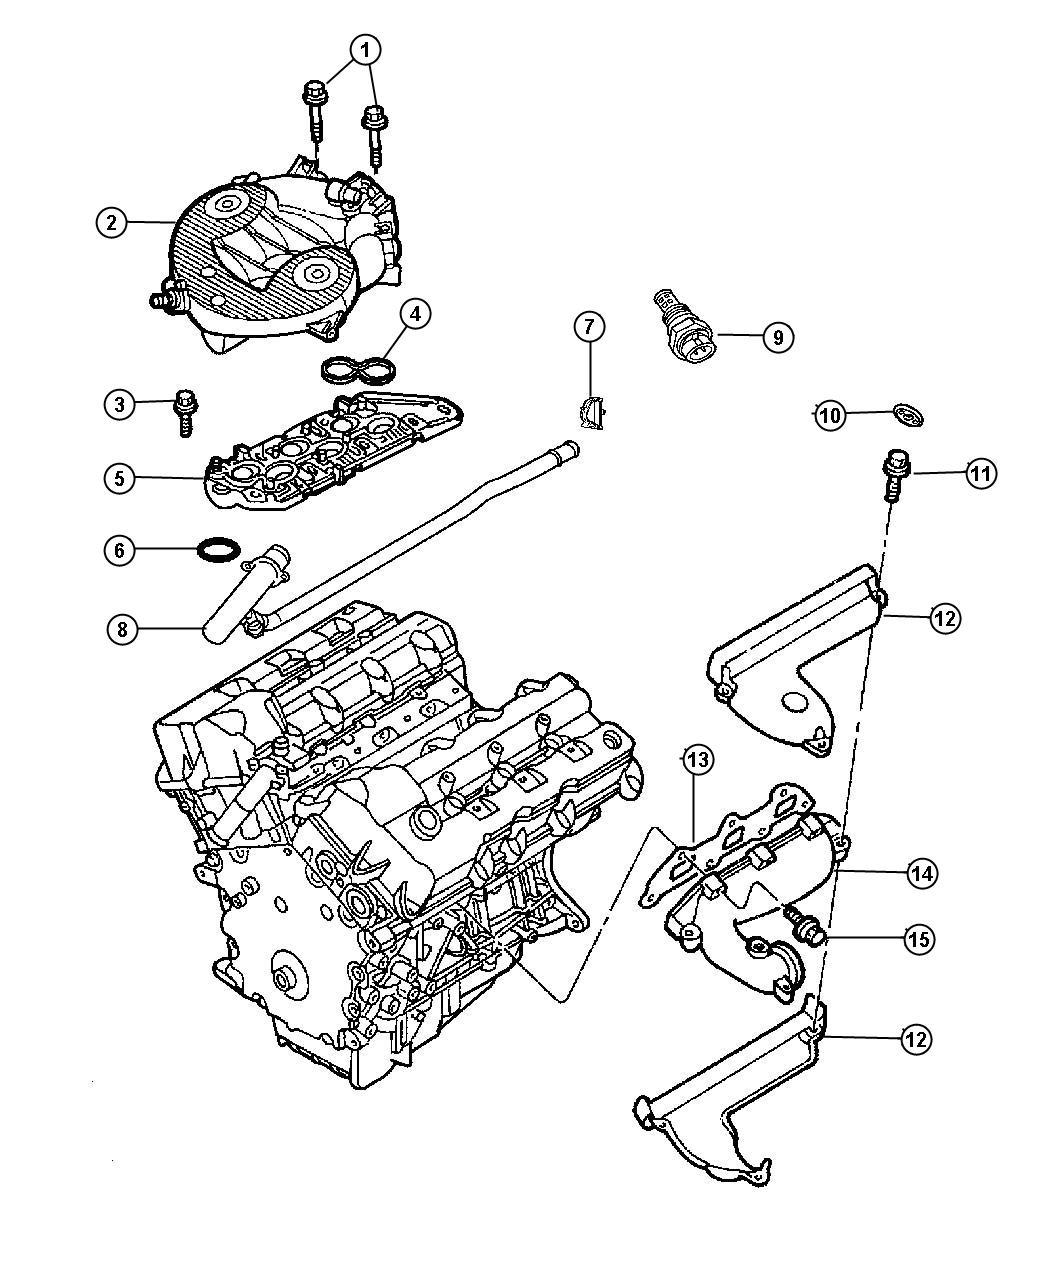 2000 Chrysler Concorde Gasket. Intake plenum. Mounting